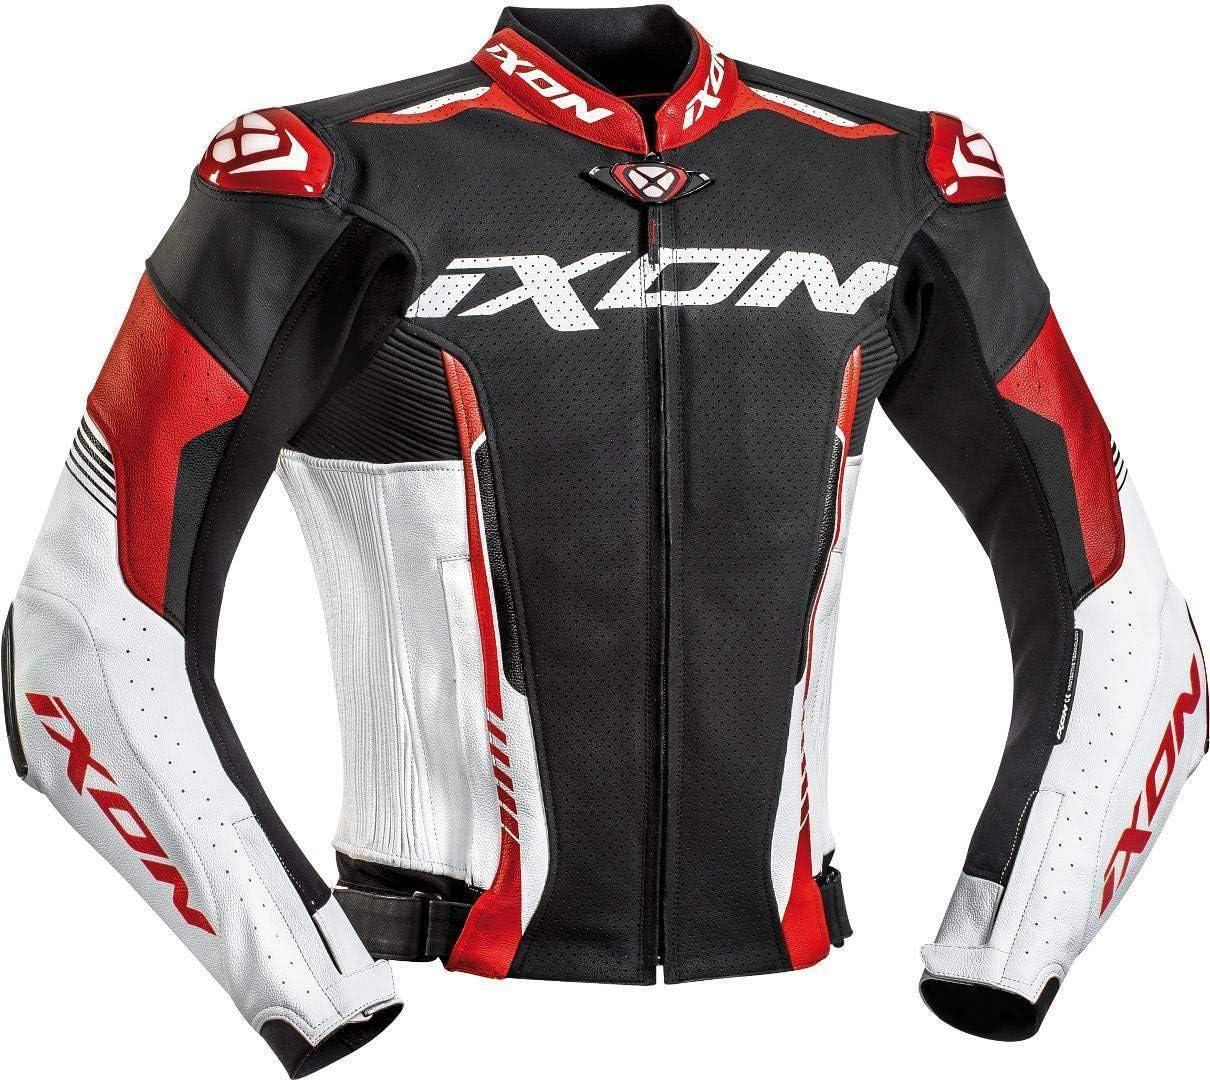 3XL Ixon Blouson moto Vortex 2 Jkt NOIR//BLANC//ROUGE Noir//Blanc//Rouge